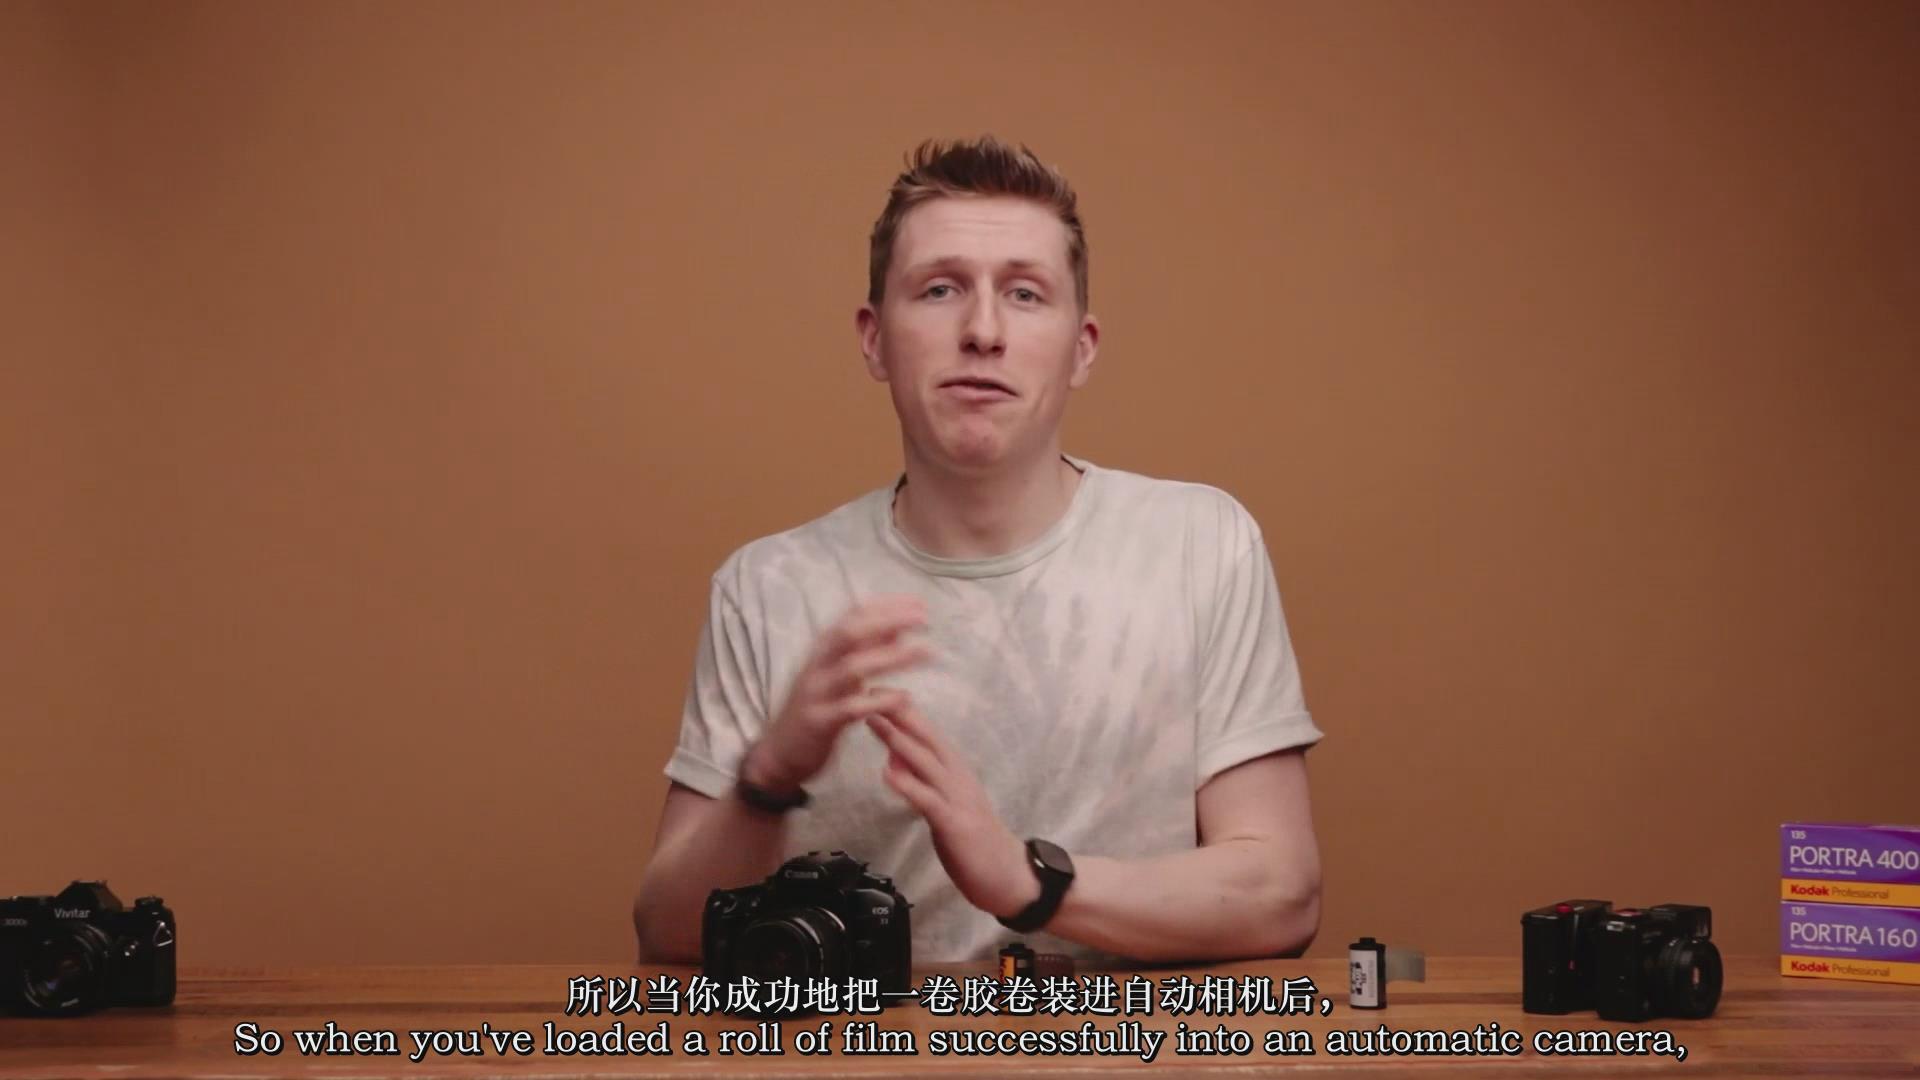 摄影教程_35毫米电影胶片入门终极指南教程-中英字幕 摄影教程 _预览图3